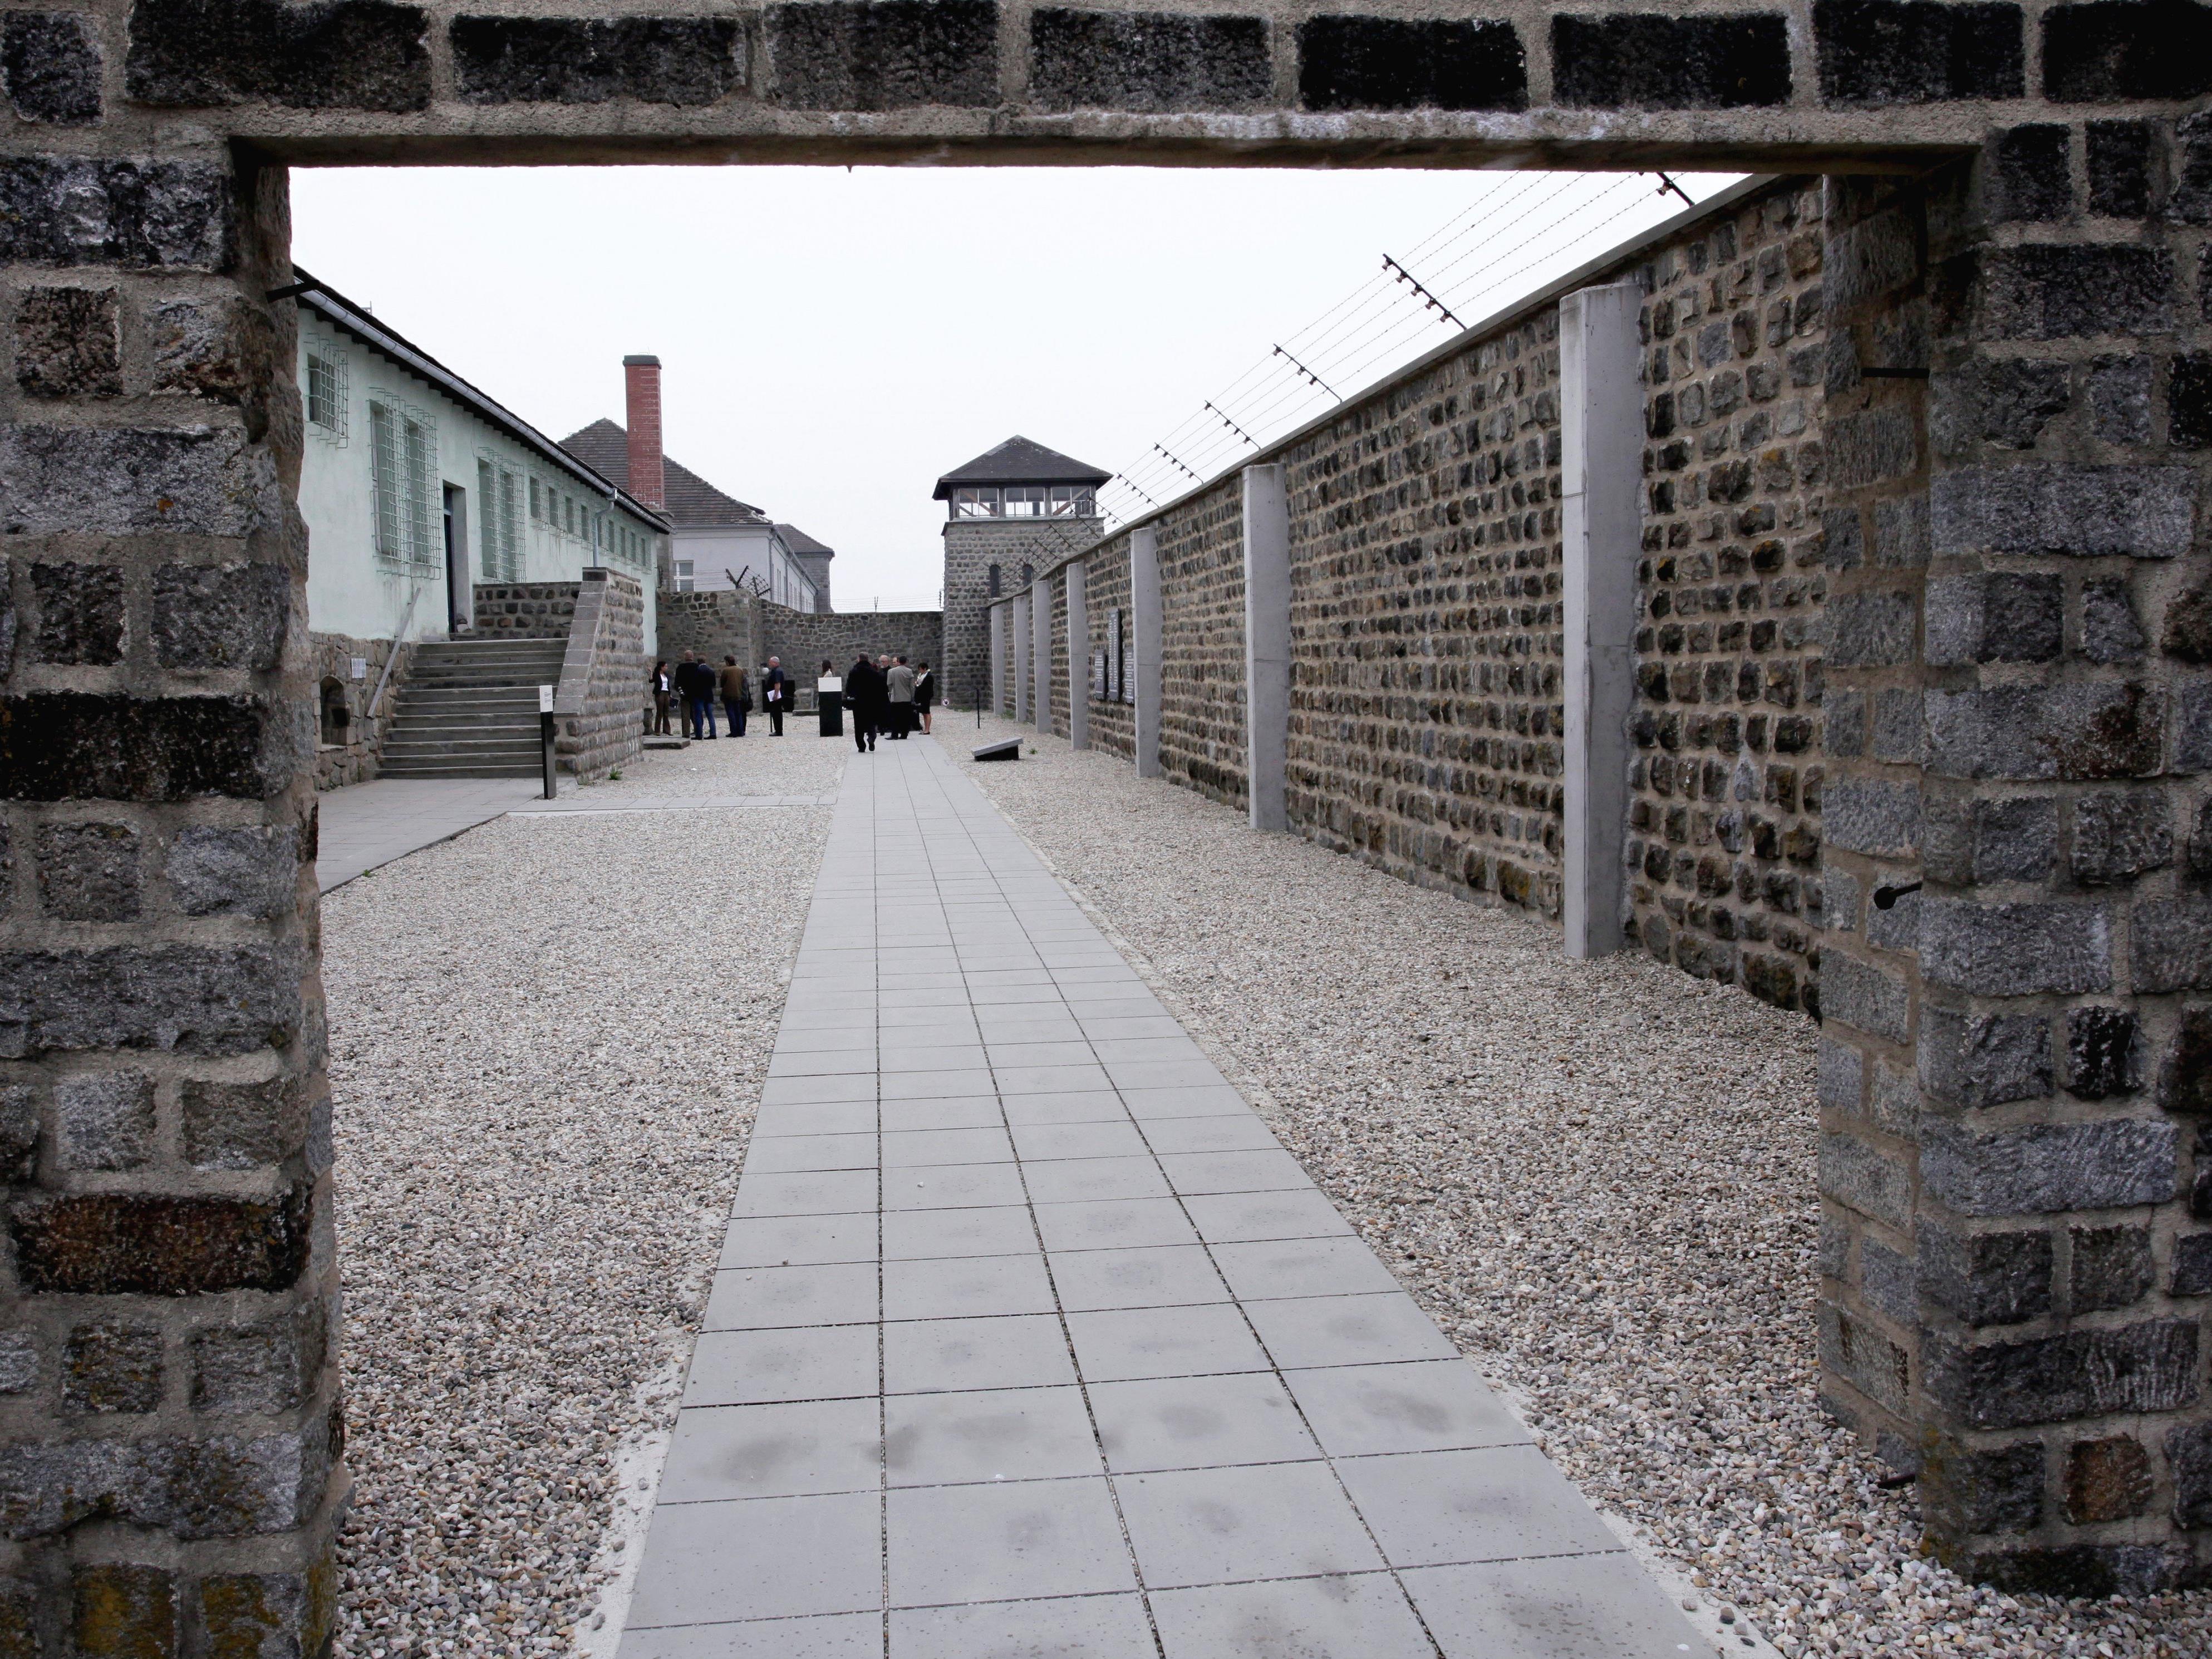 Blick in einen Hof des ehemaligen Konzentrationslagers Mauthausen.